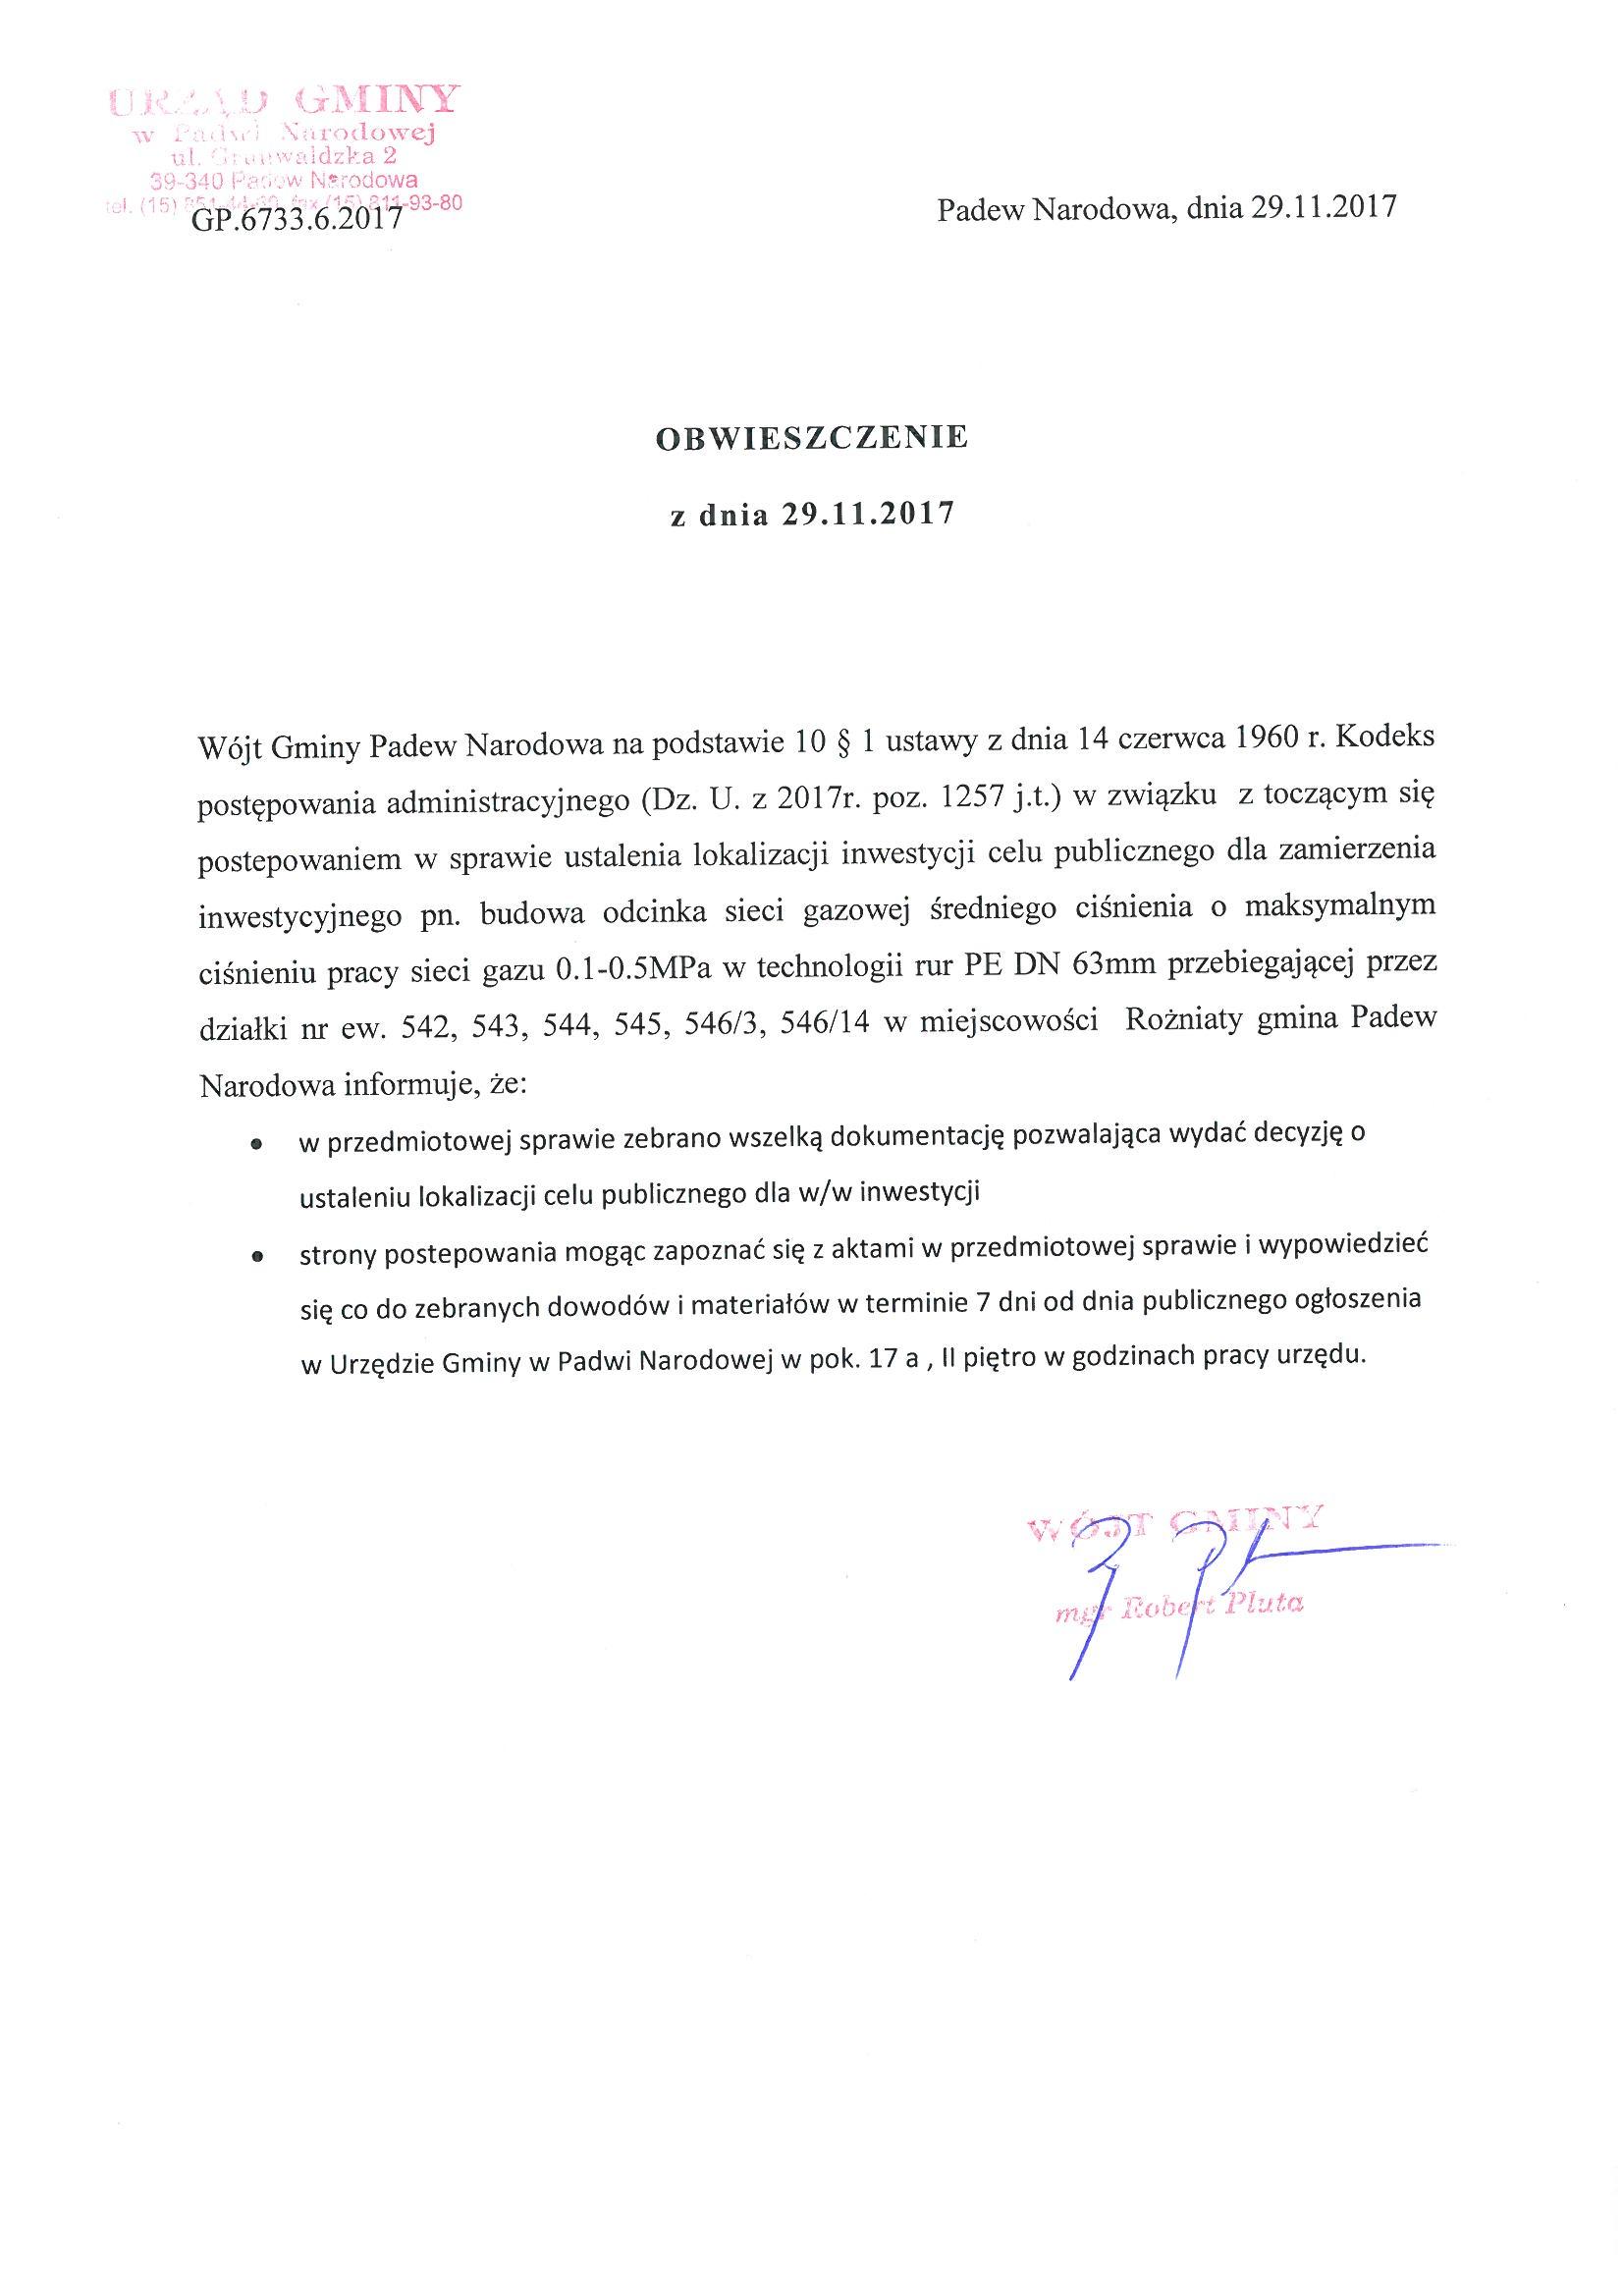 ---- Obwieszczenie Wójta z dnia 29.11. 2017 r..jpg